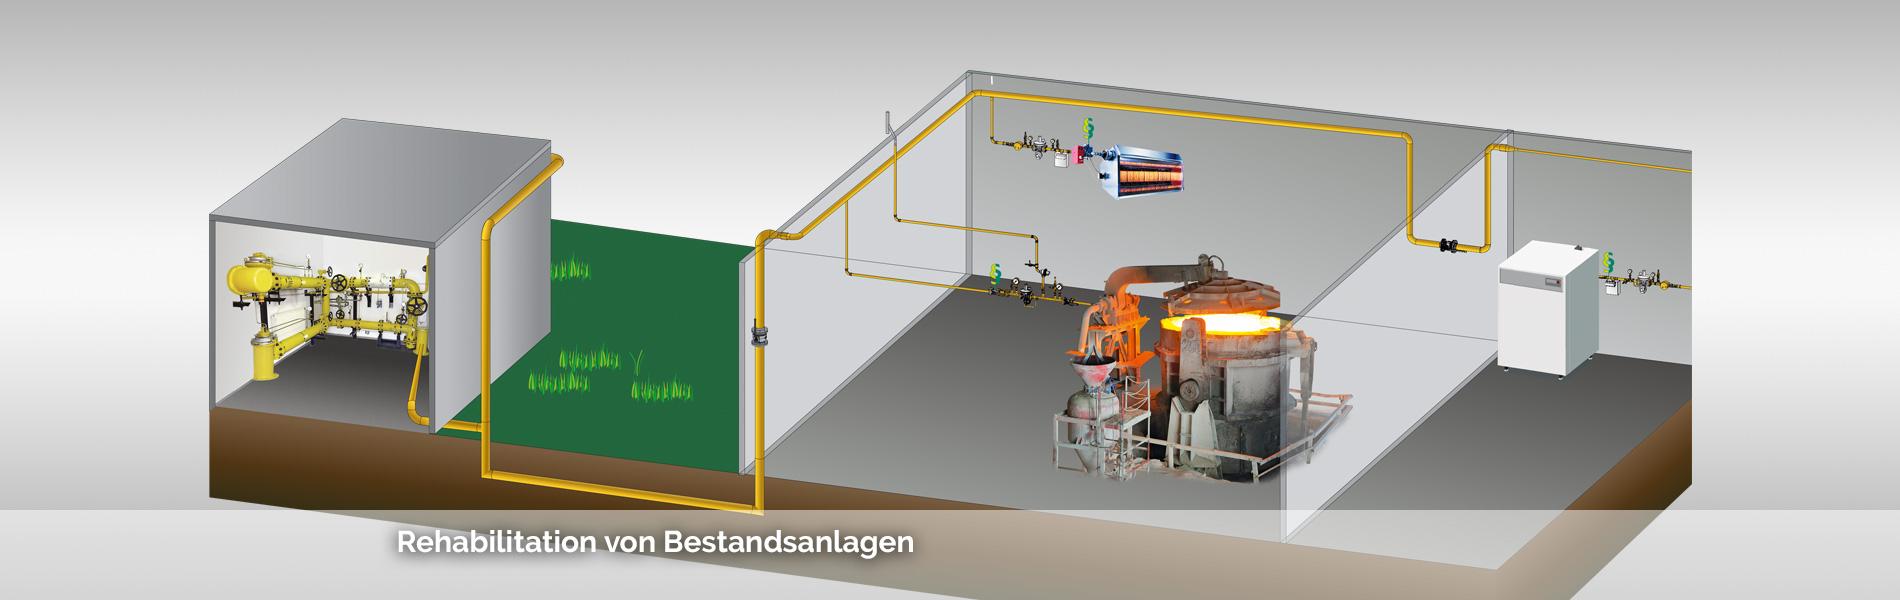 Anlagenbau und Ausrüstung